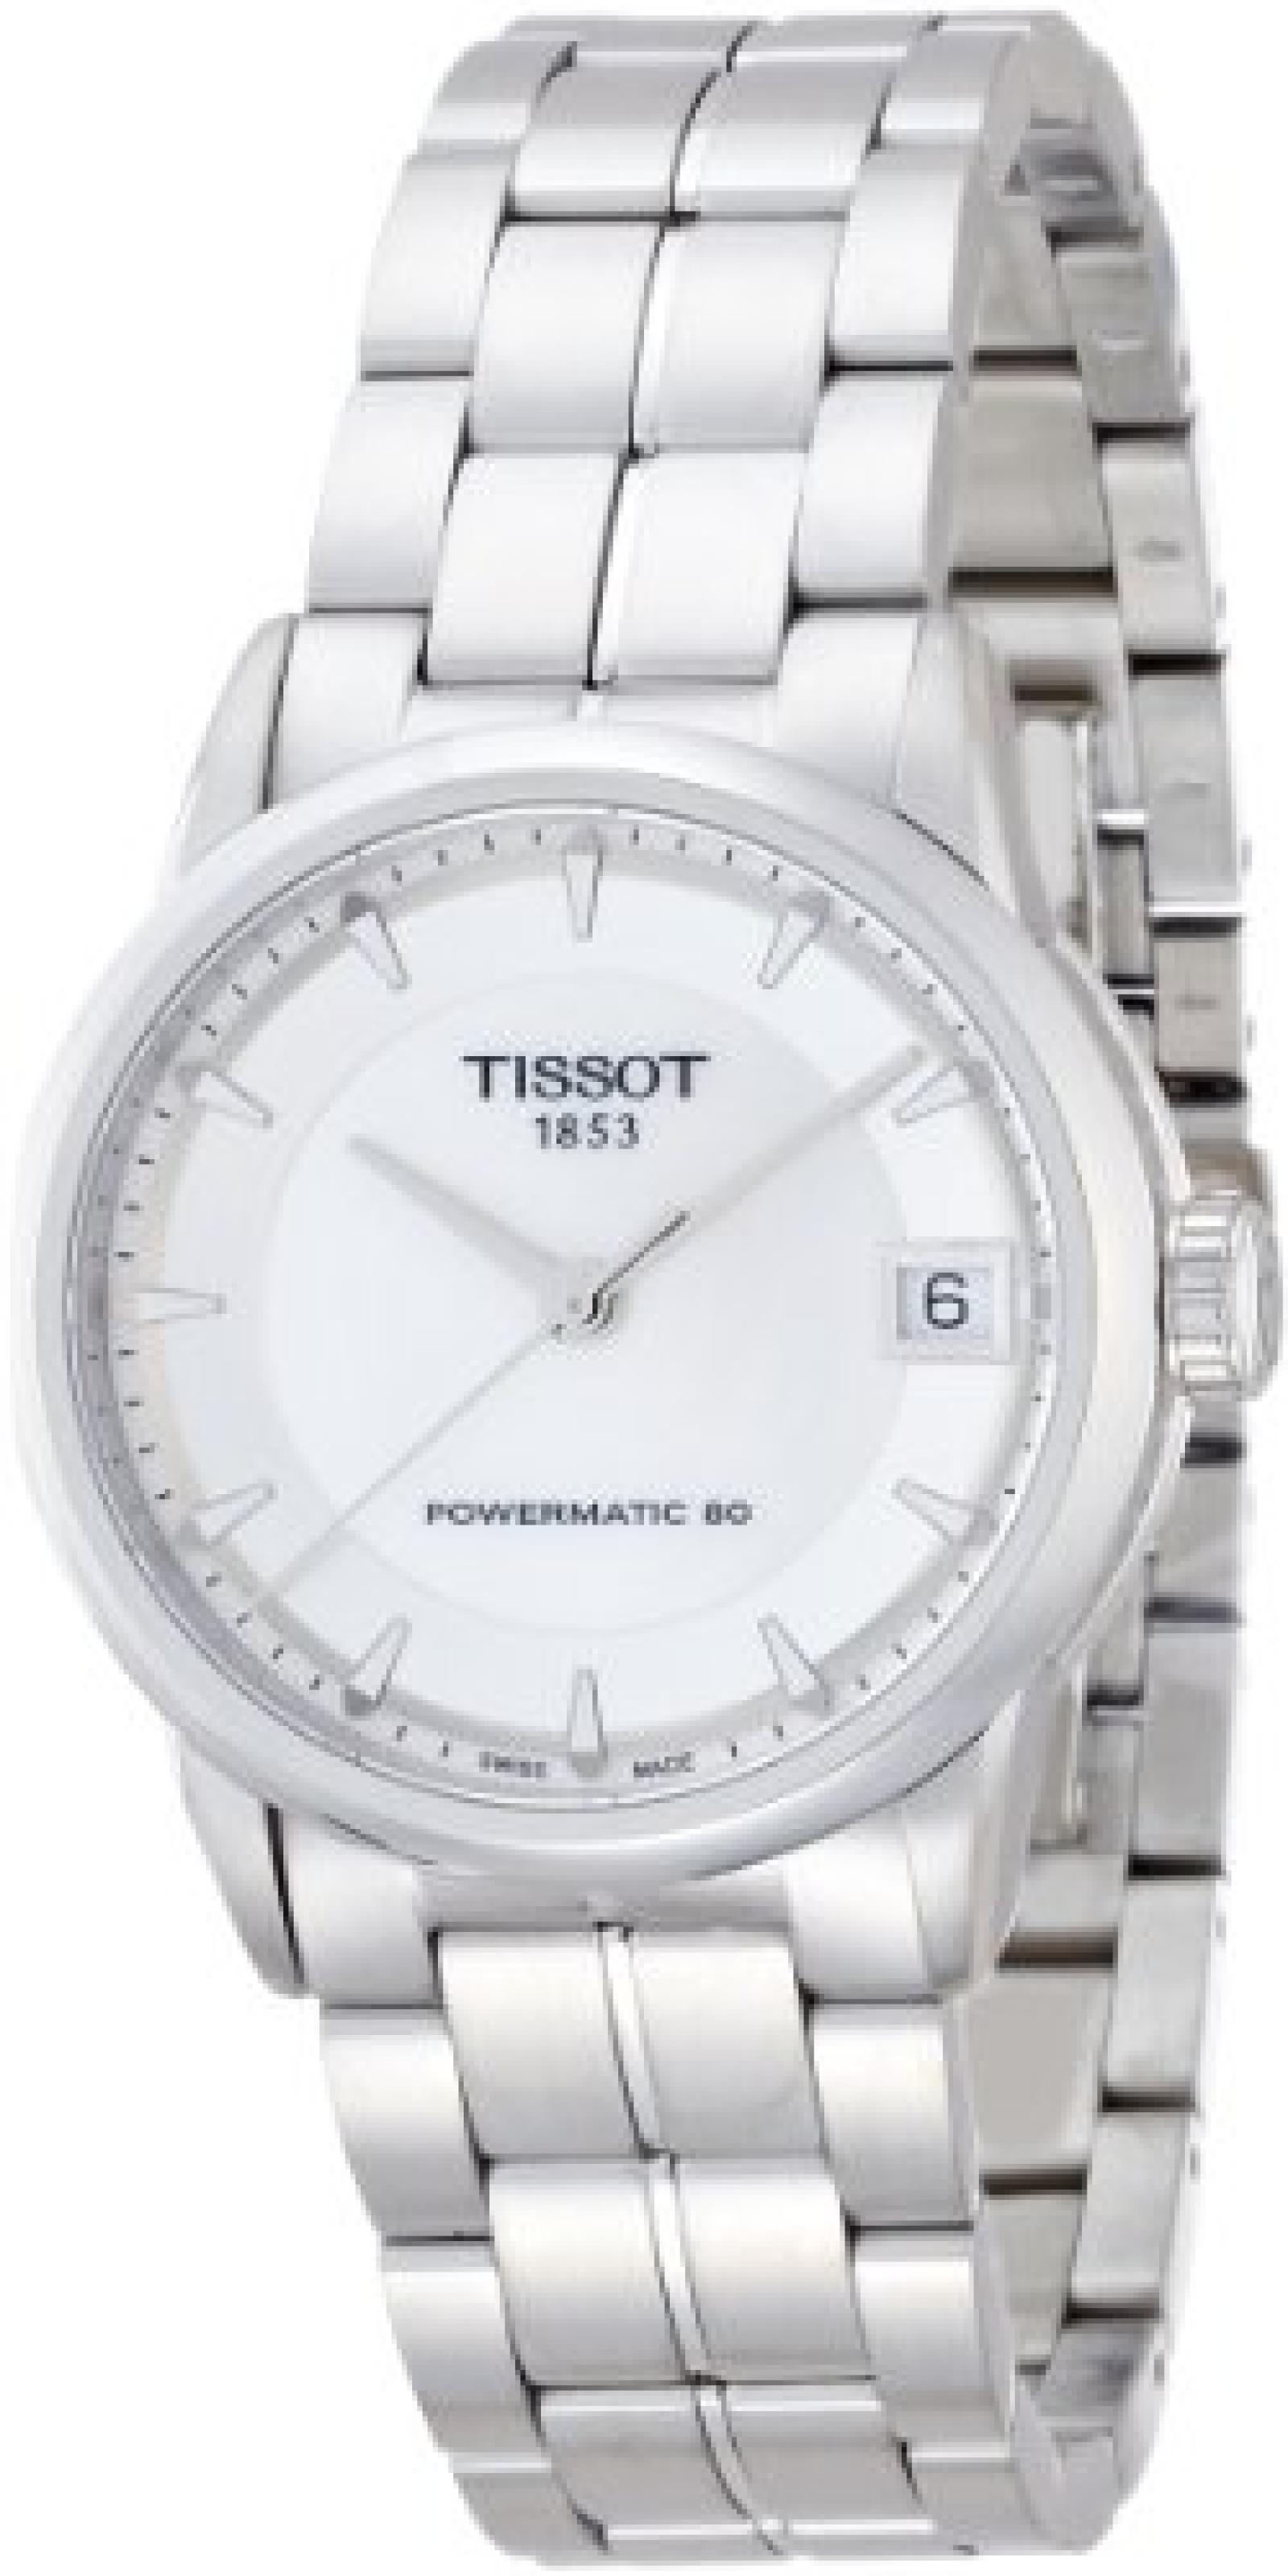 Damen-Armbanduhr XS Analog Automatik Edelstahl T086.207.11.111.00